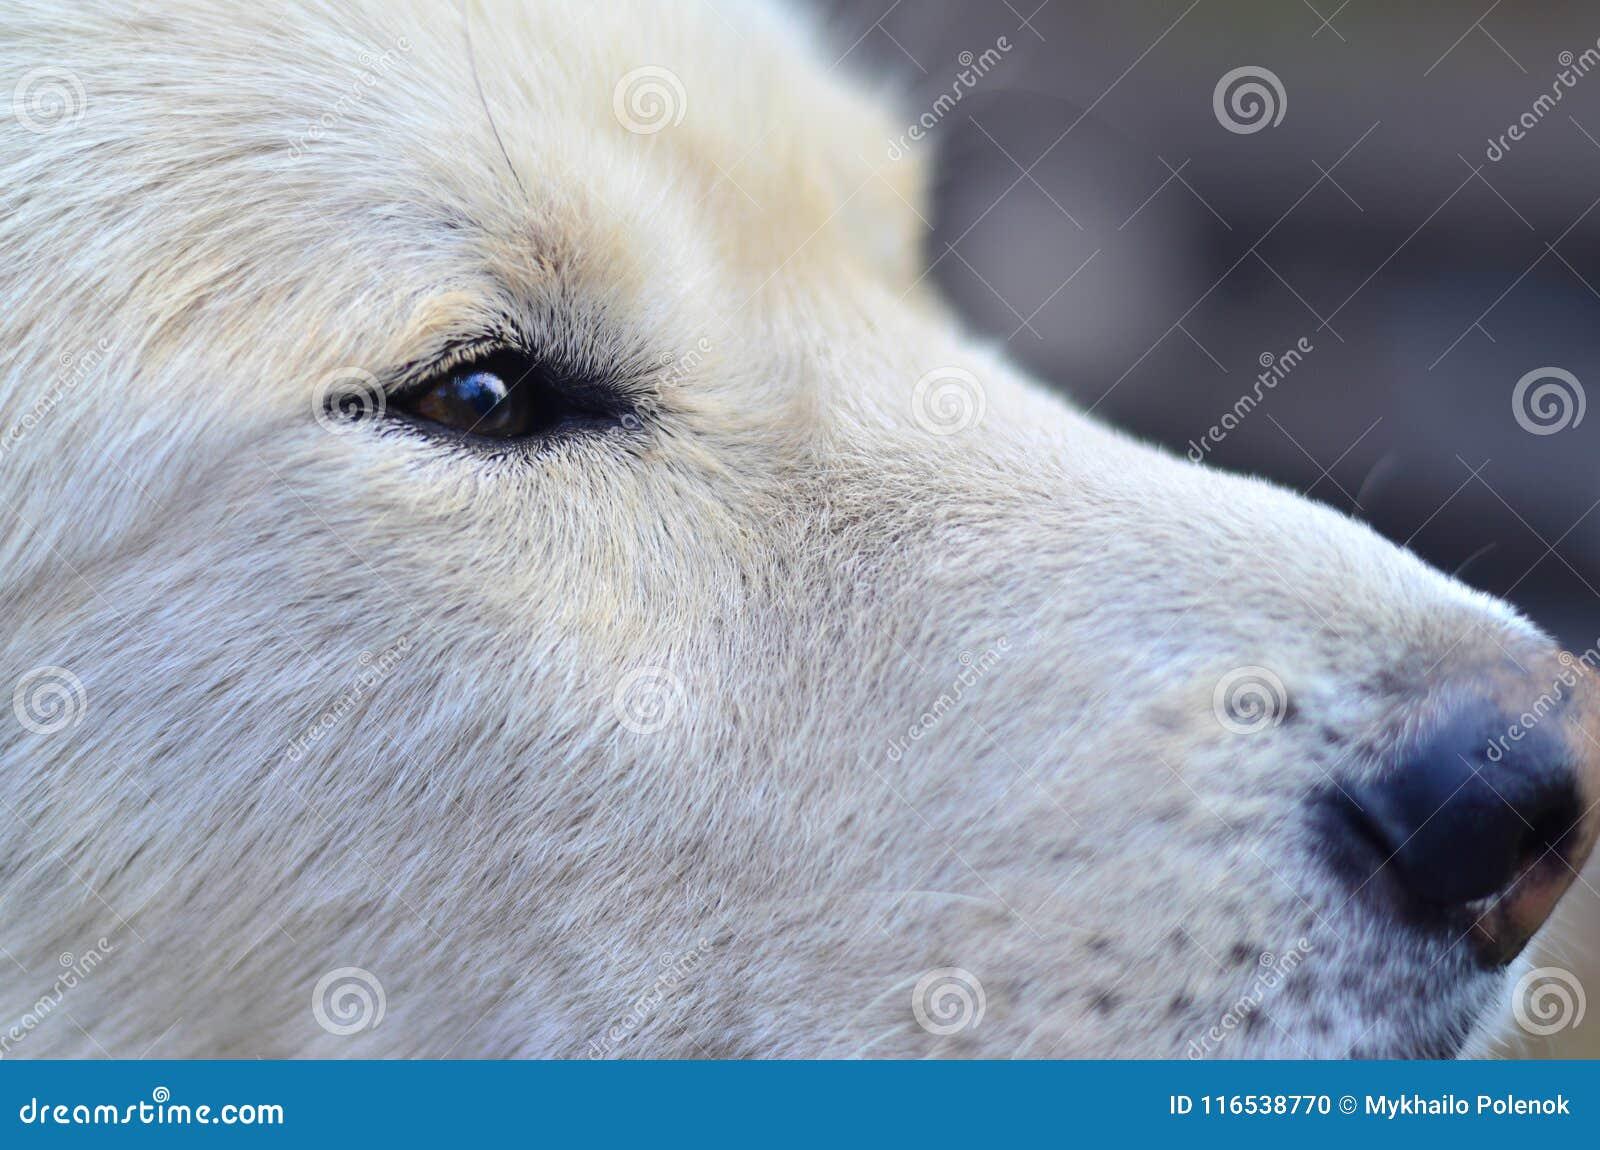 Retrato del perro fornido del samoyedo siberiano blanco con heterochromia un fenómeno cuando los ojos tienen diversos colores en